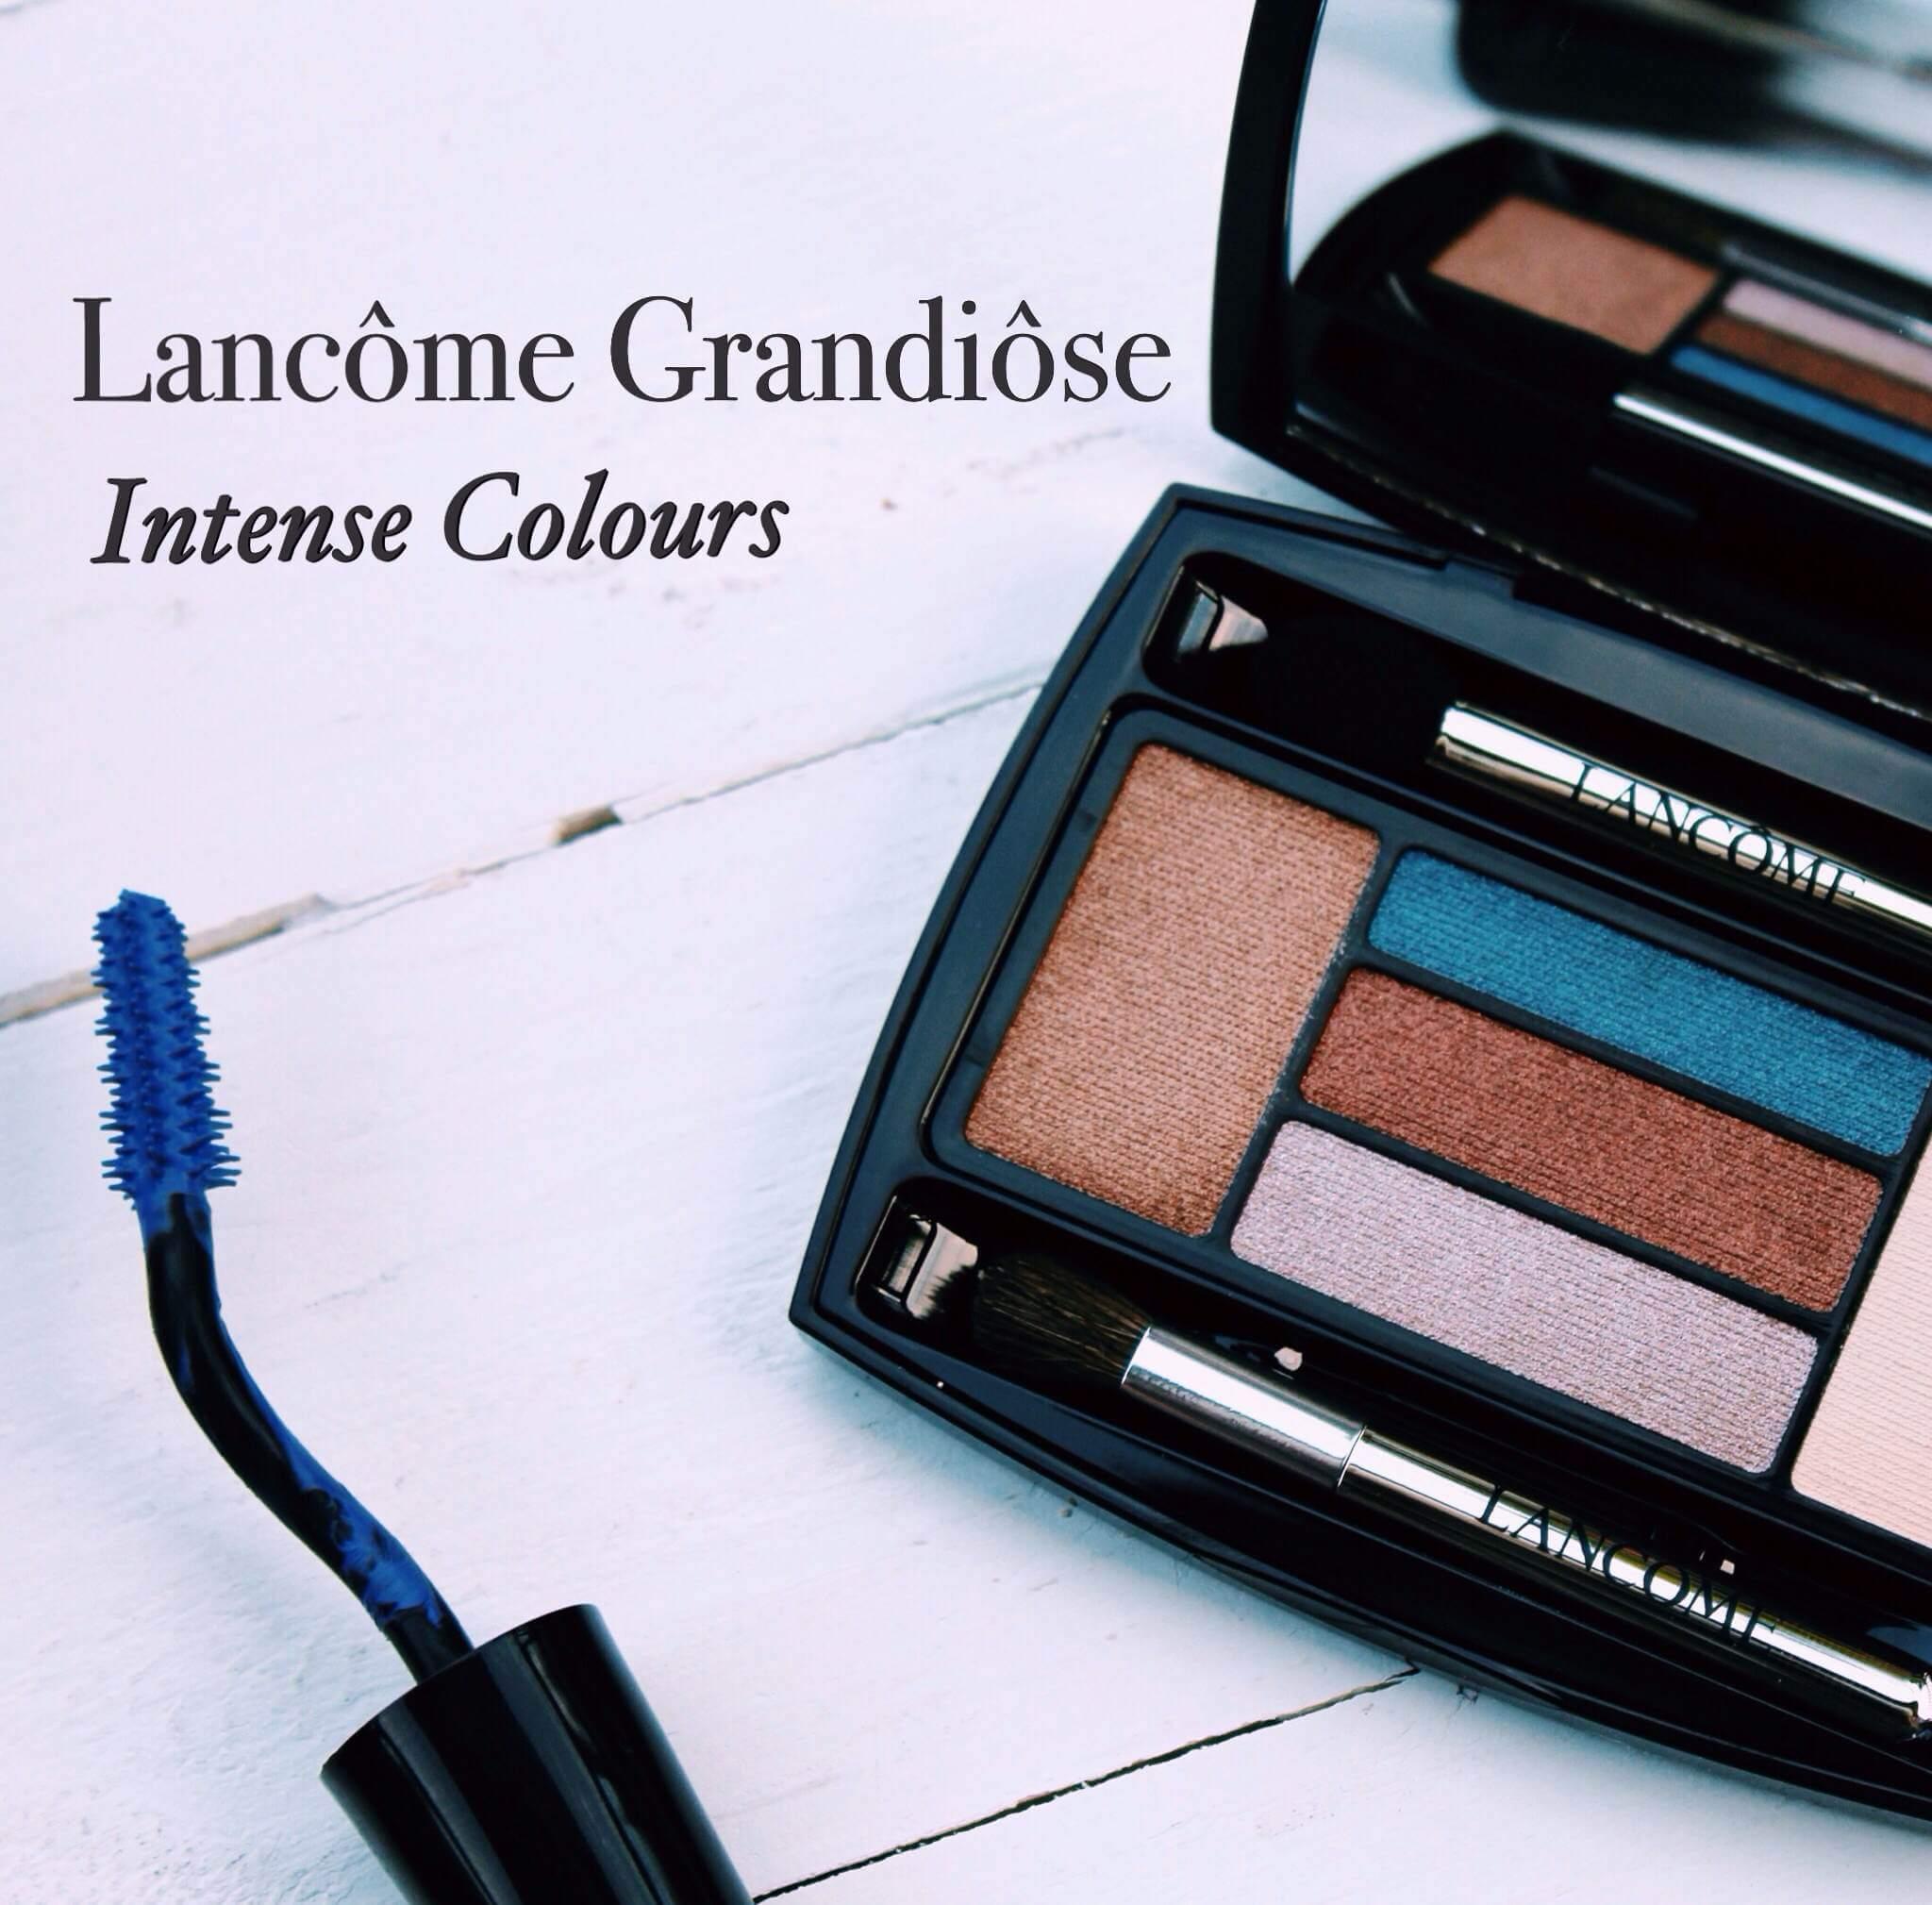 Lancome Grandoise